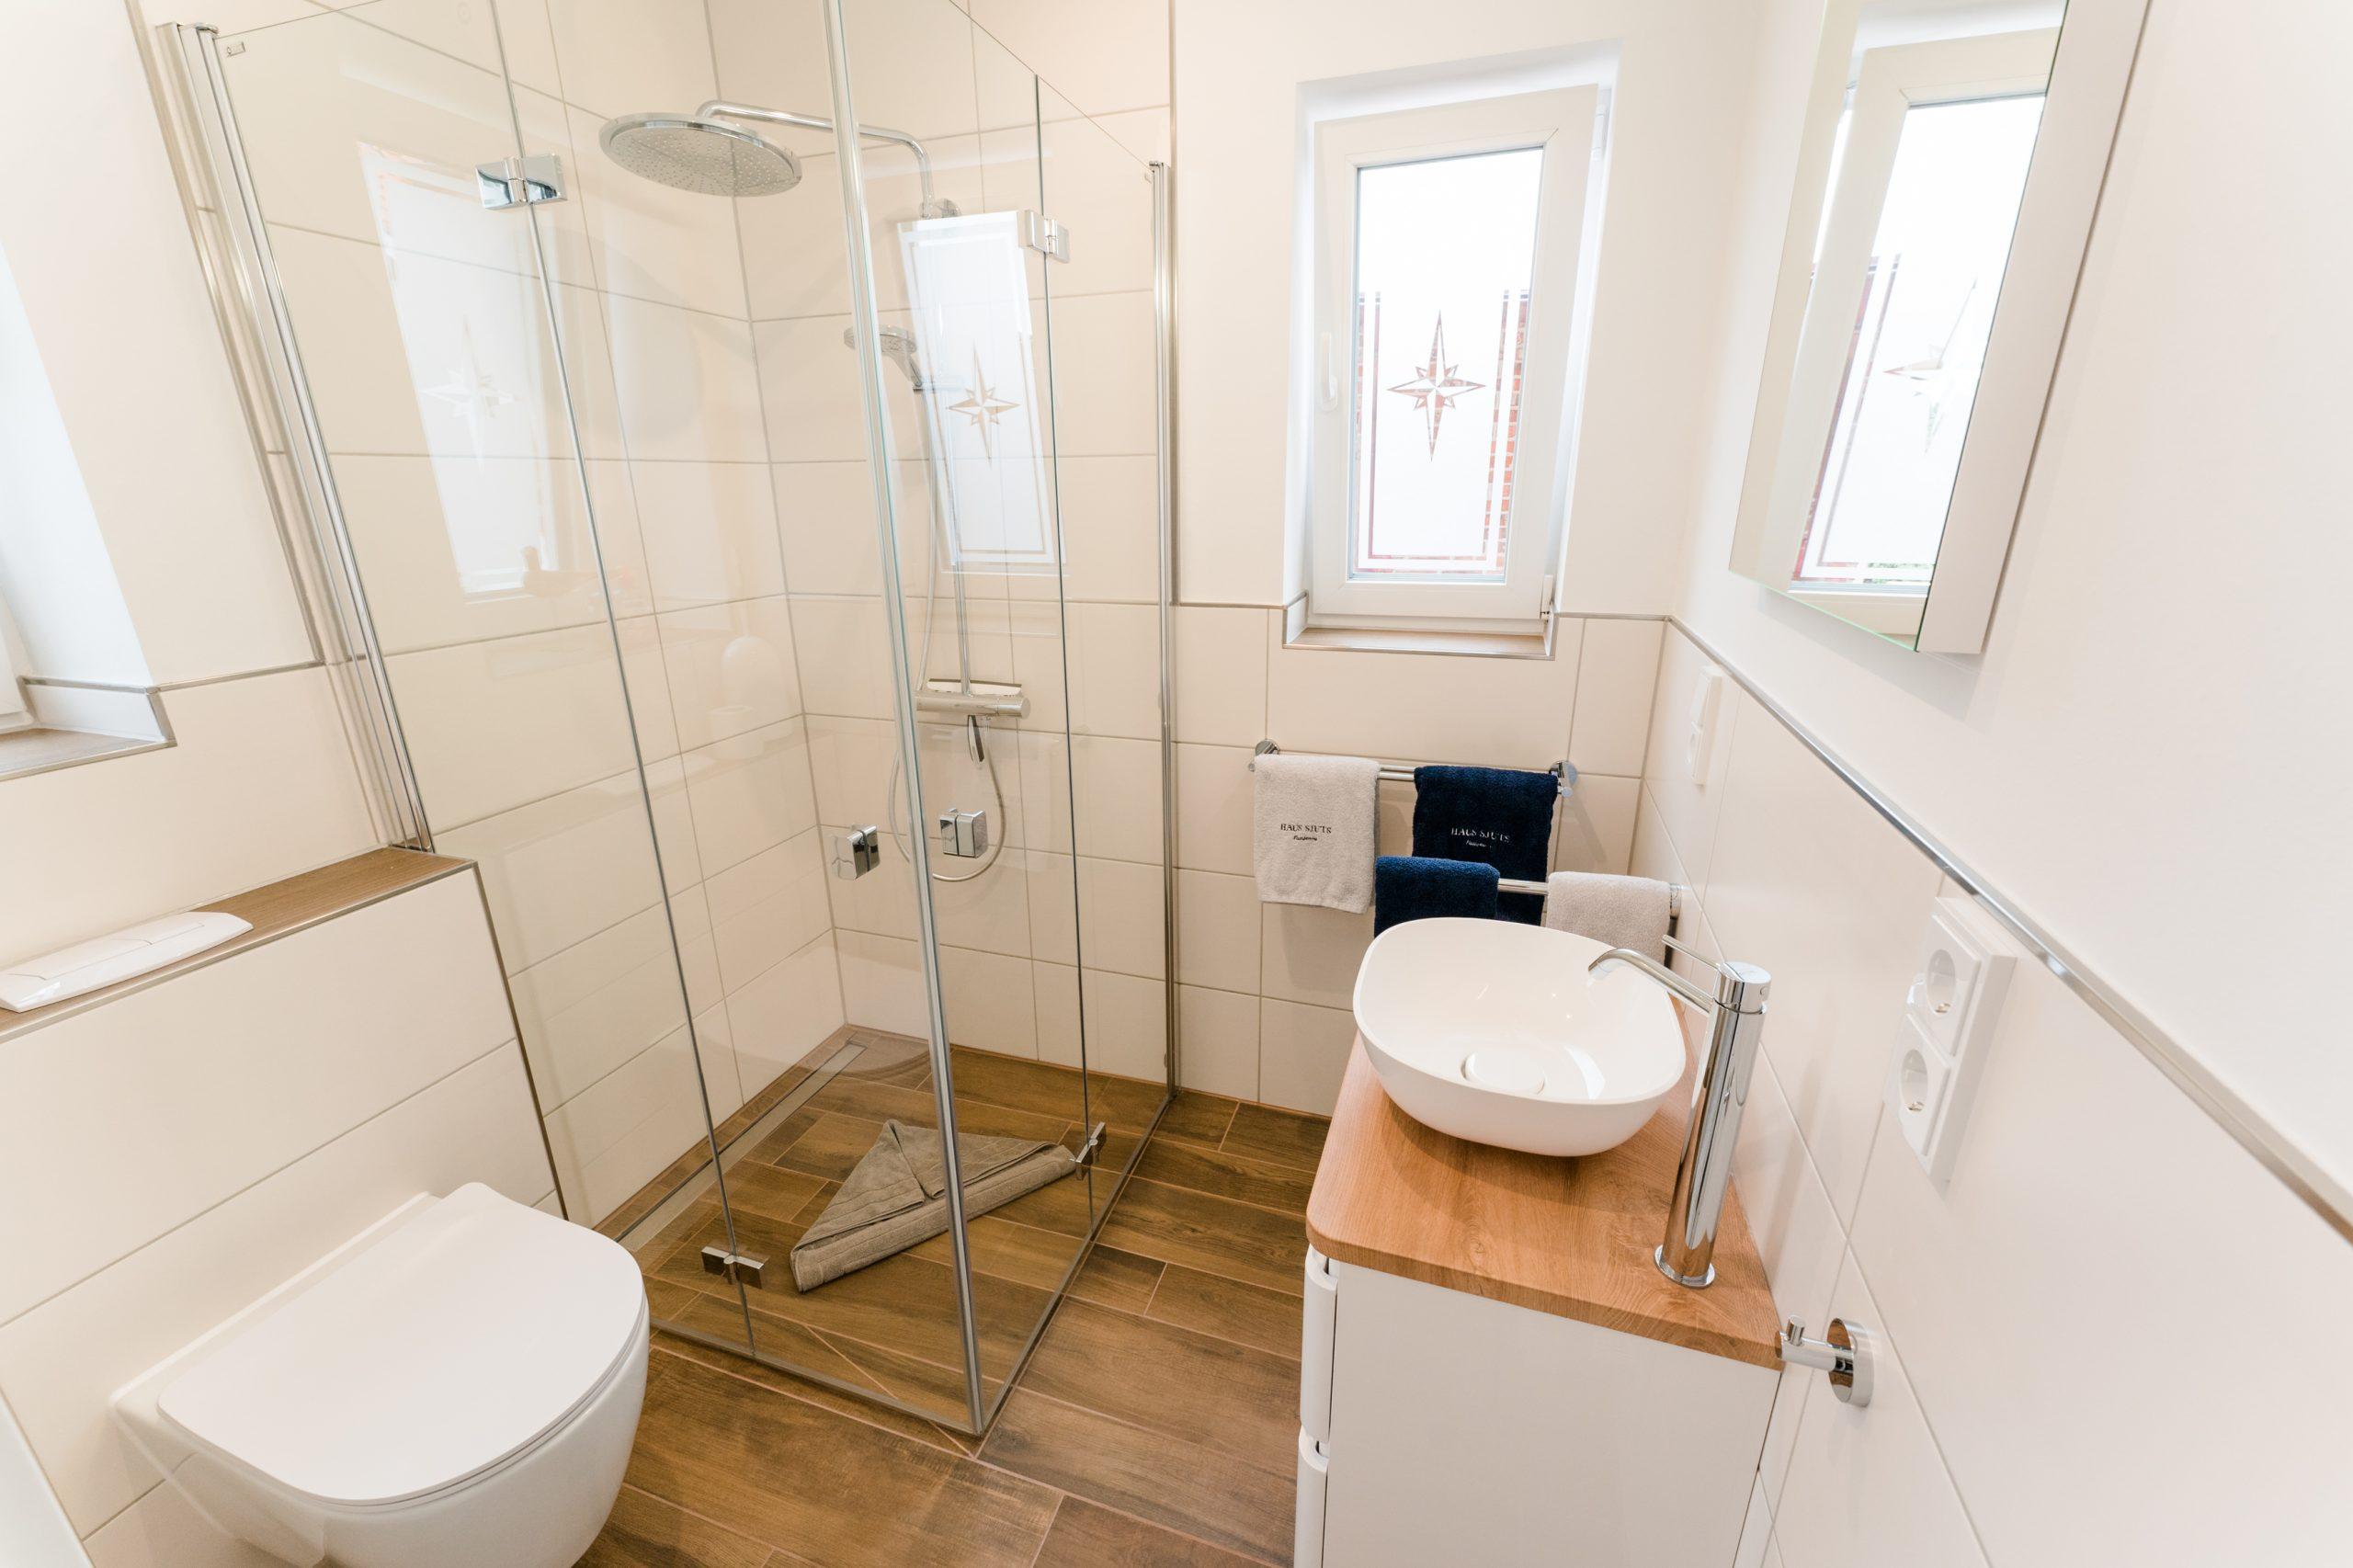 Ferienhaus Sjuts_Badezimmer im Erdgeschoss